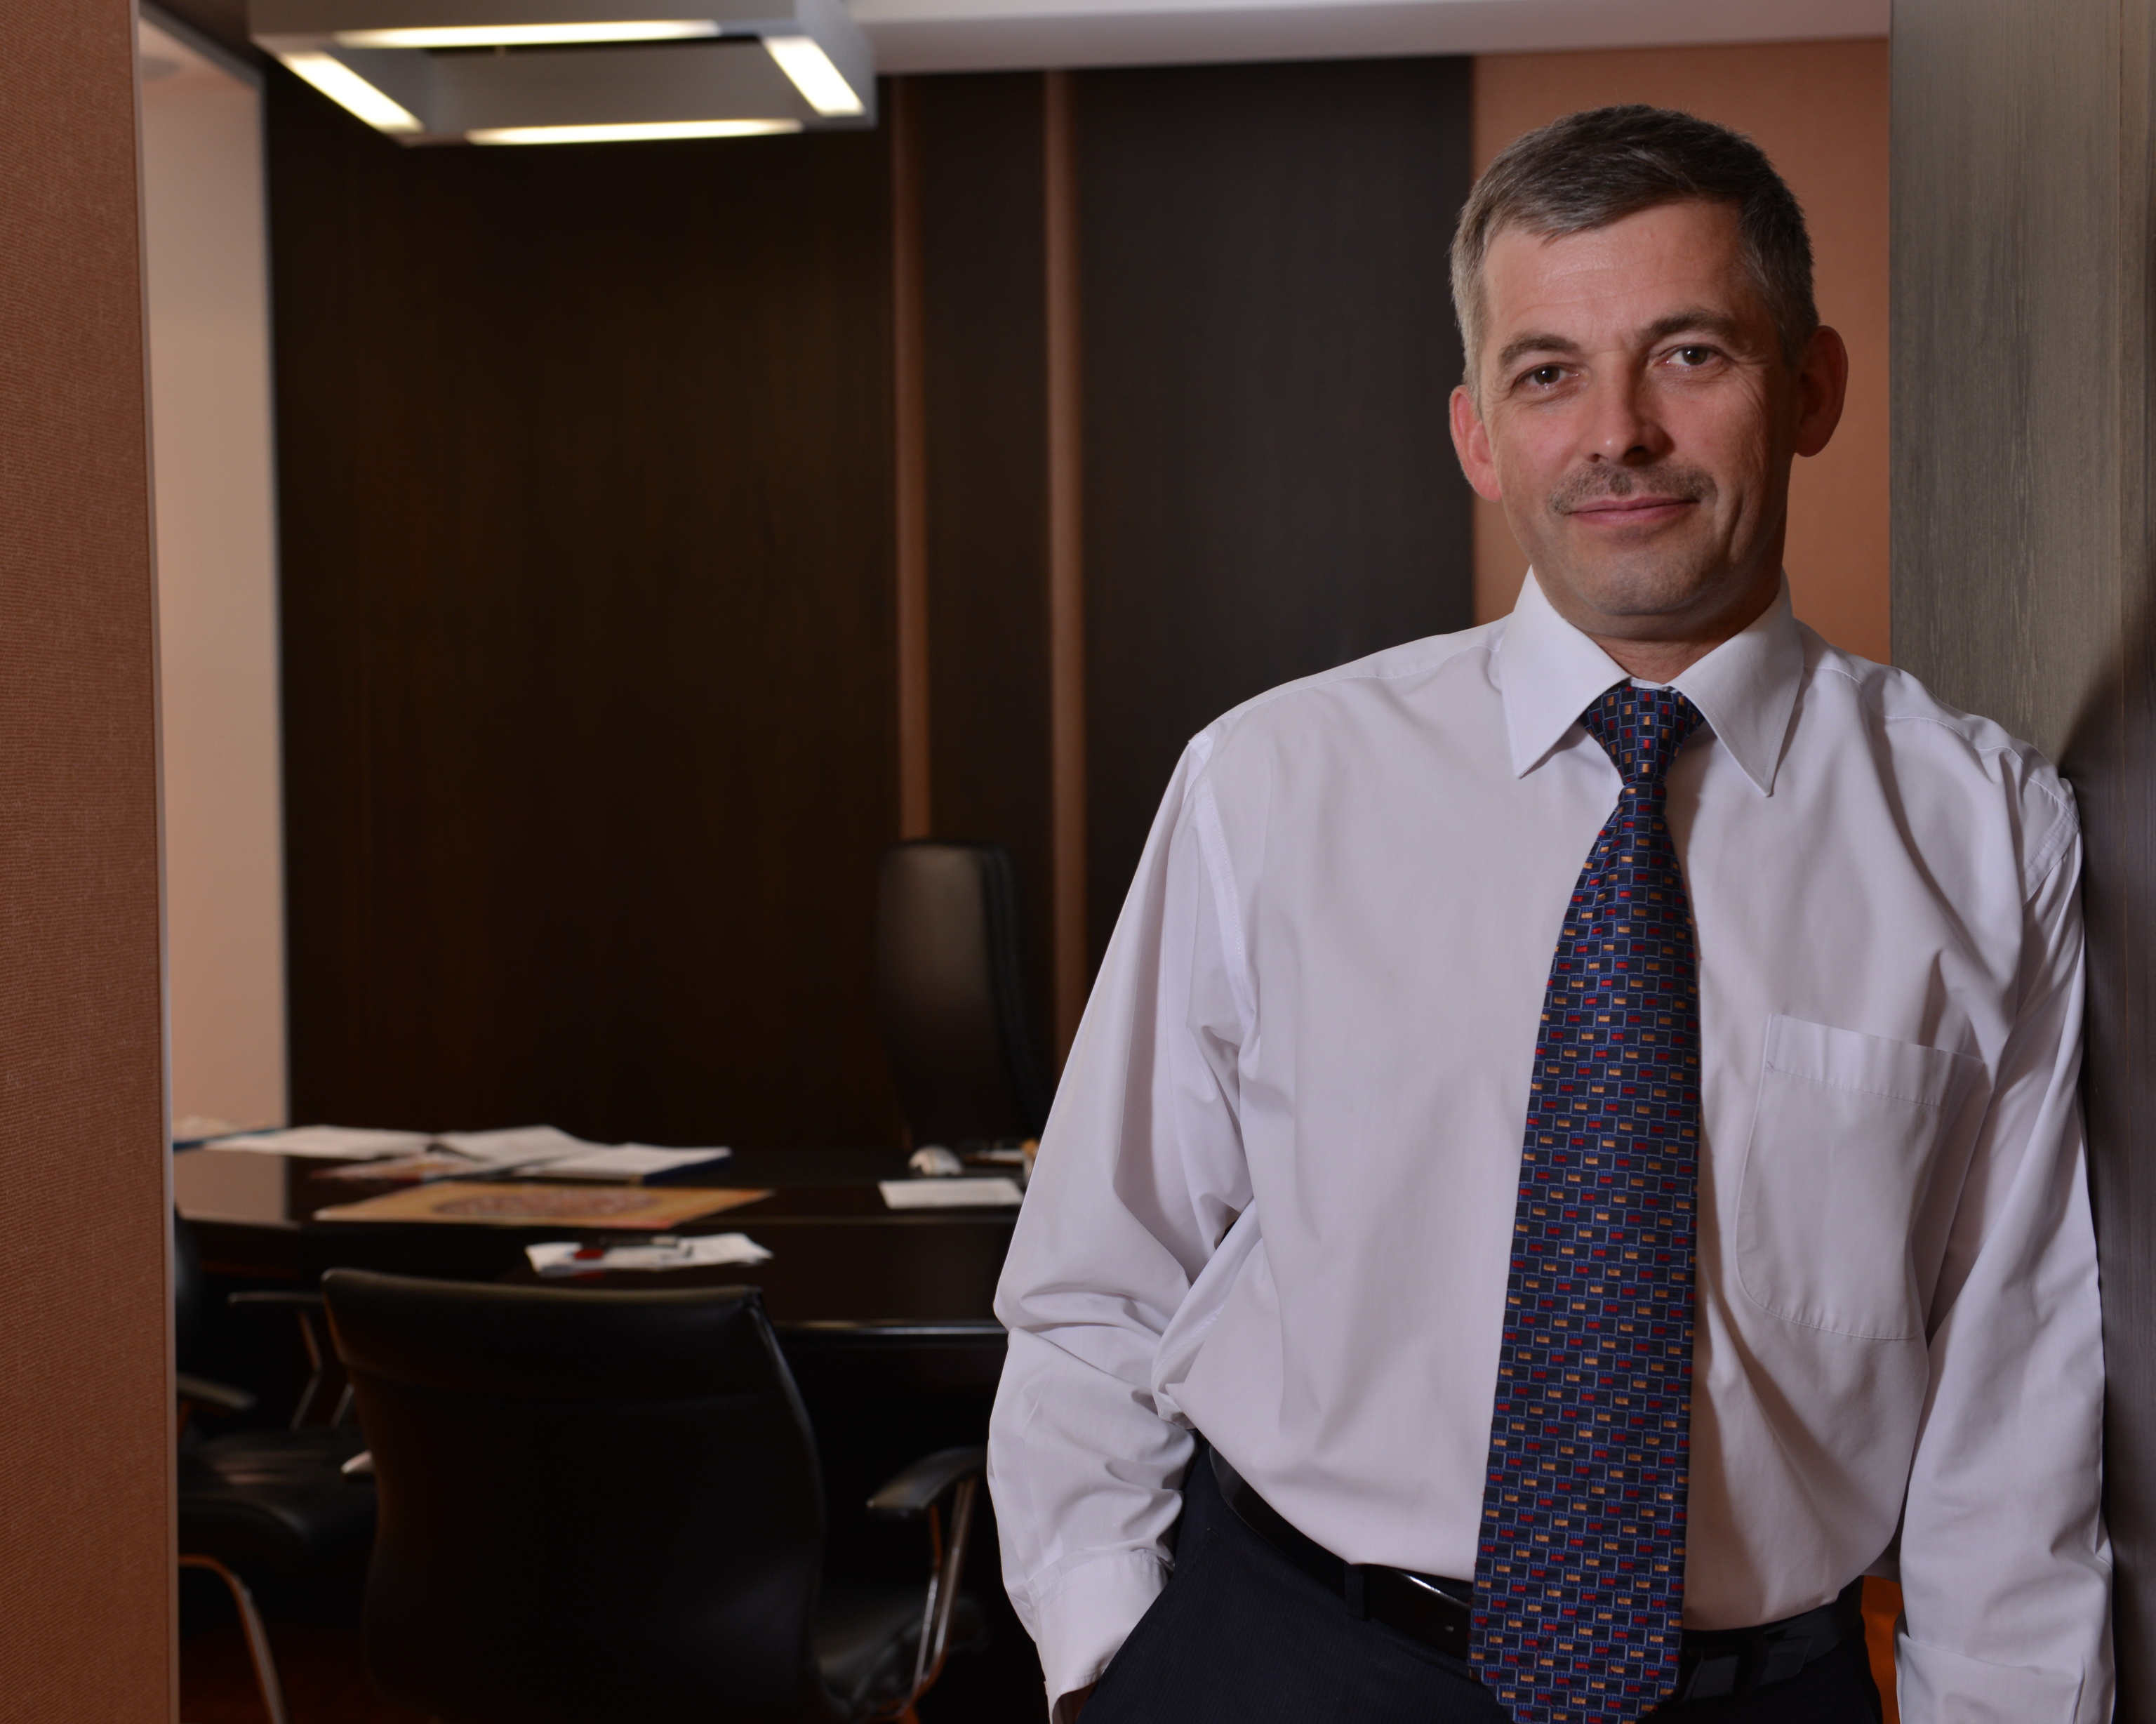 Владимир Пухов, СКБ-банк: «Хорошая реклама раздражает»